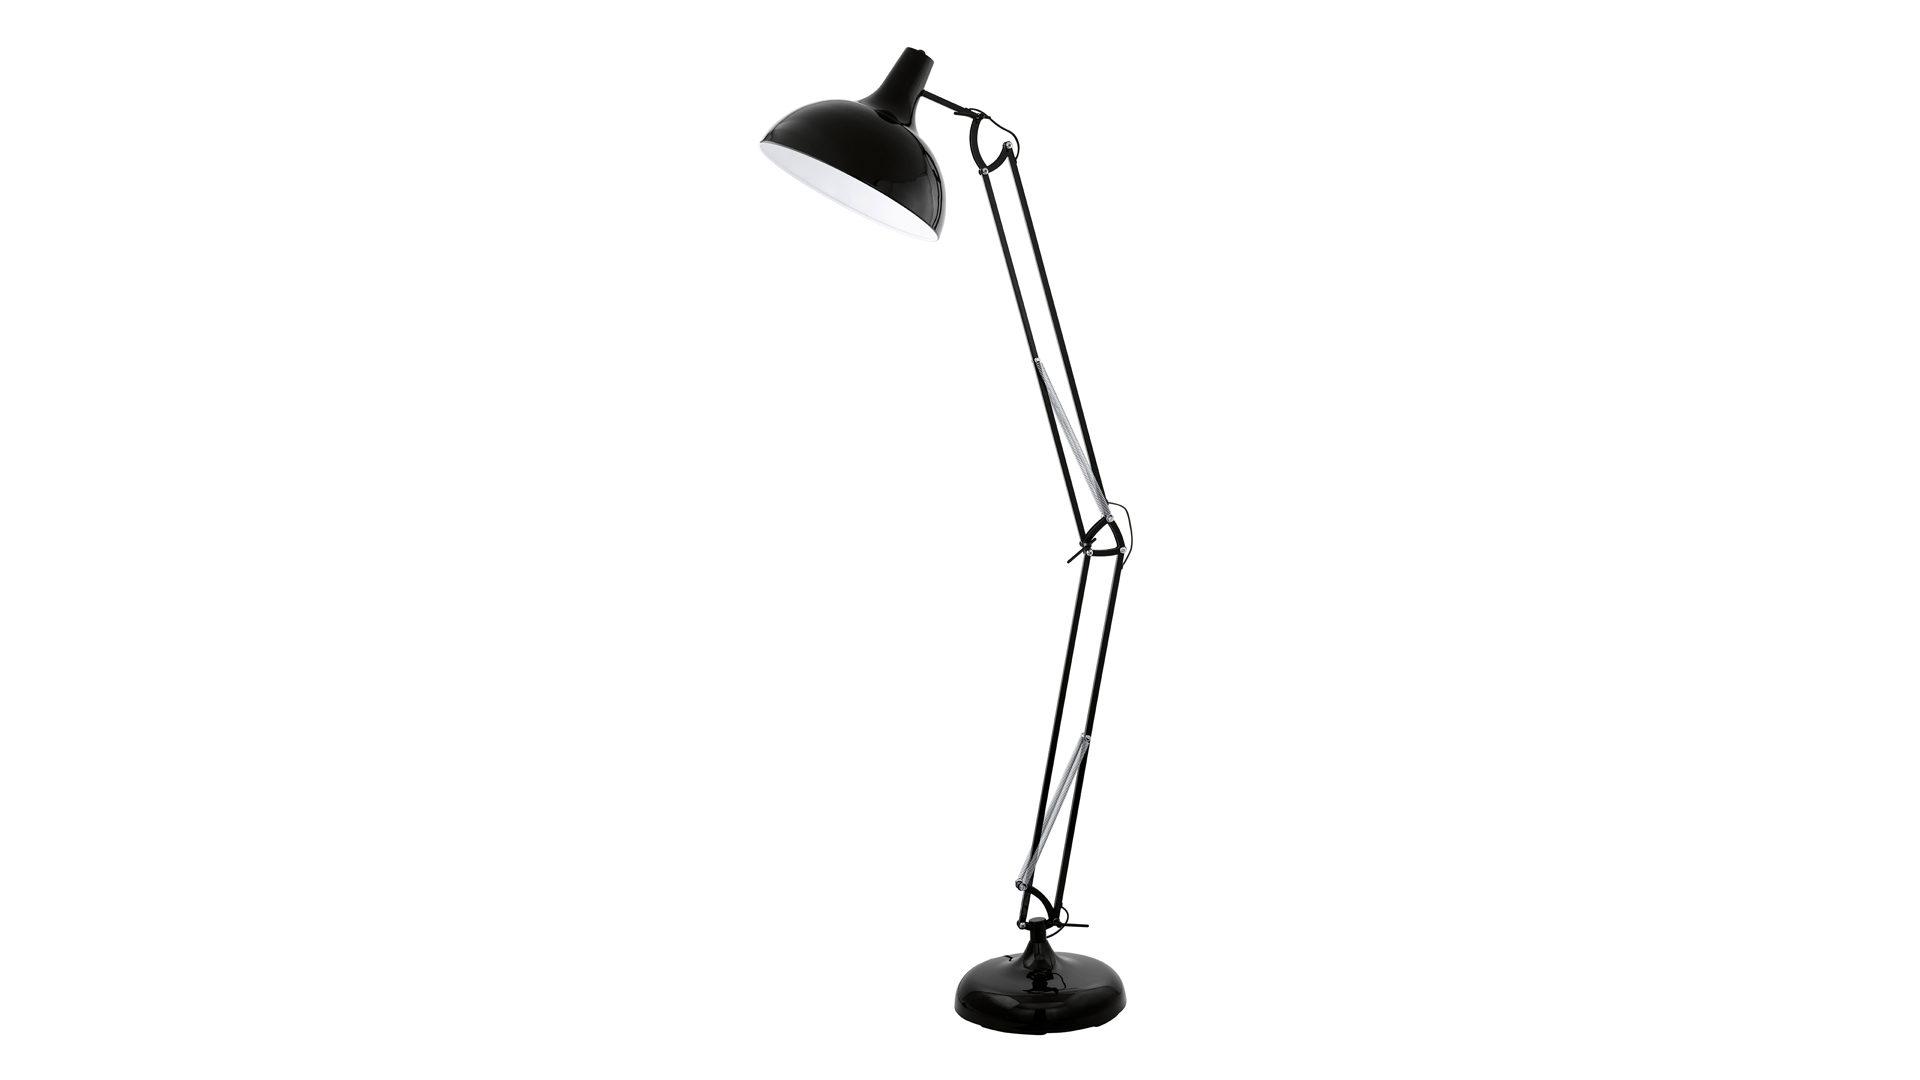 Stehleuchte Borgillio Bzw Stehlampe Schwarzes Metall Hohe Ca